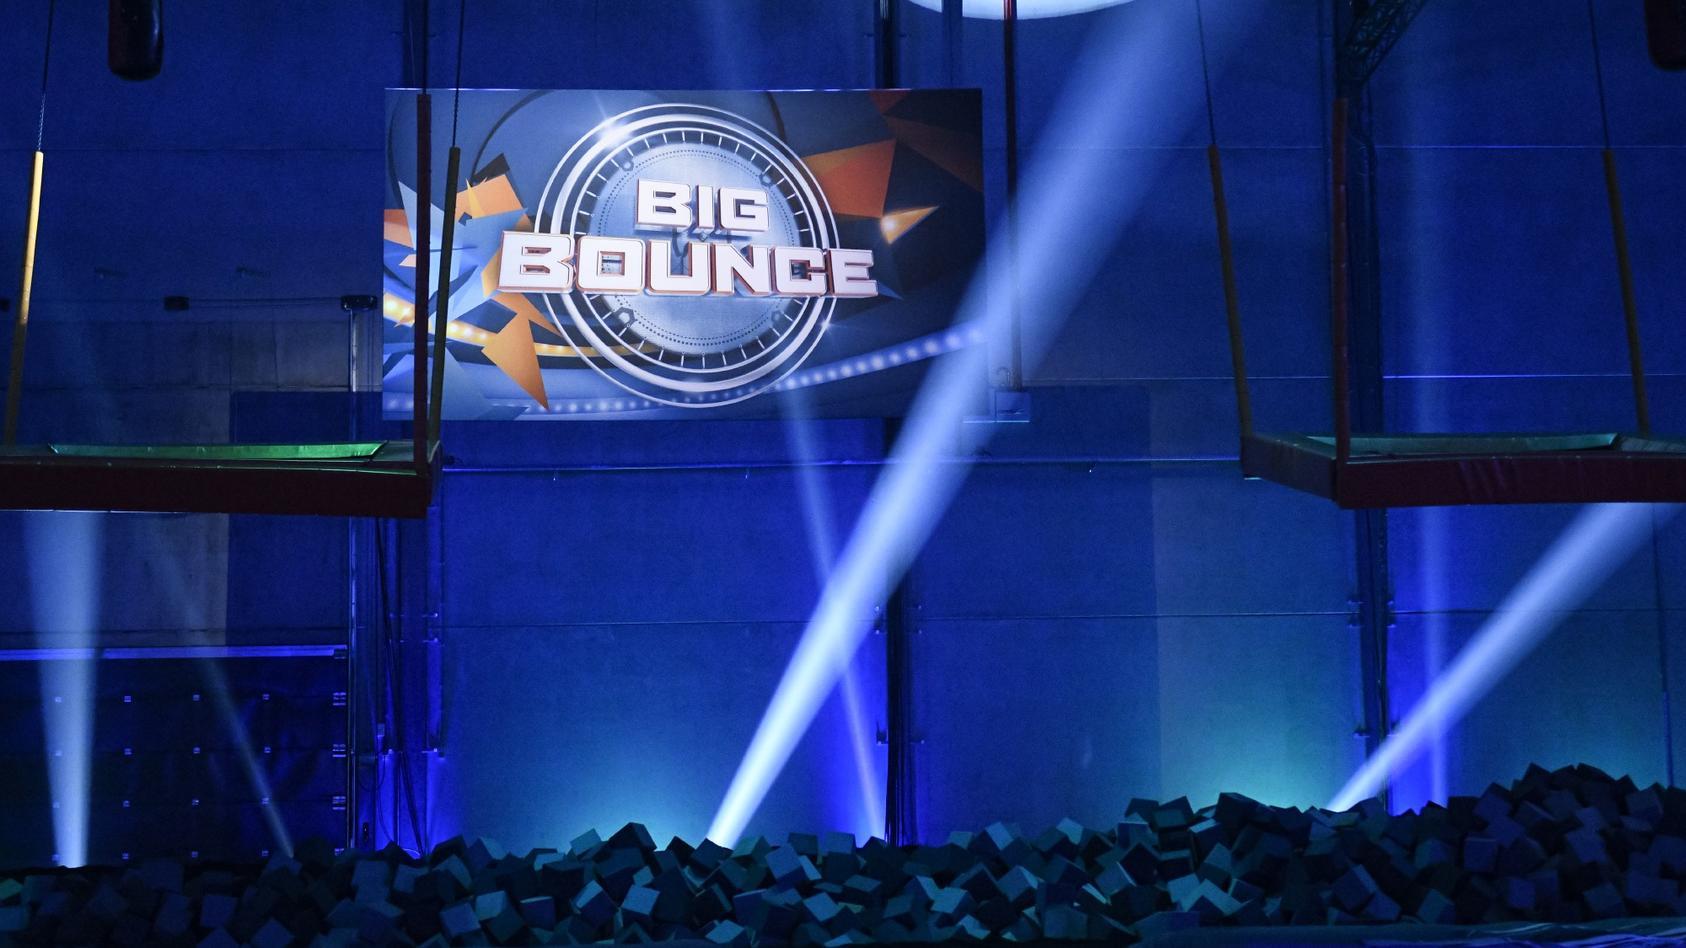 wir-haben-die-wichtigsten-fakten-rund-um-big-bounce-zusammengetragen